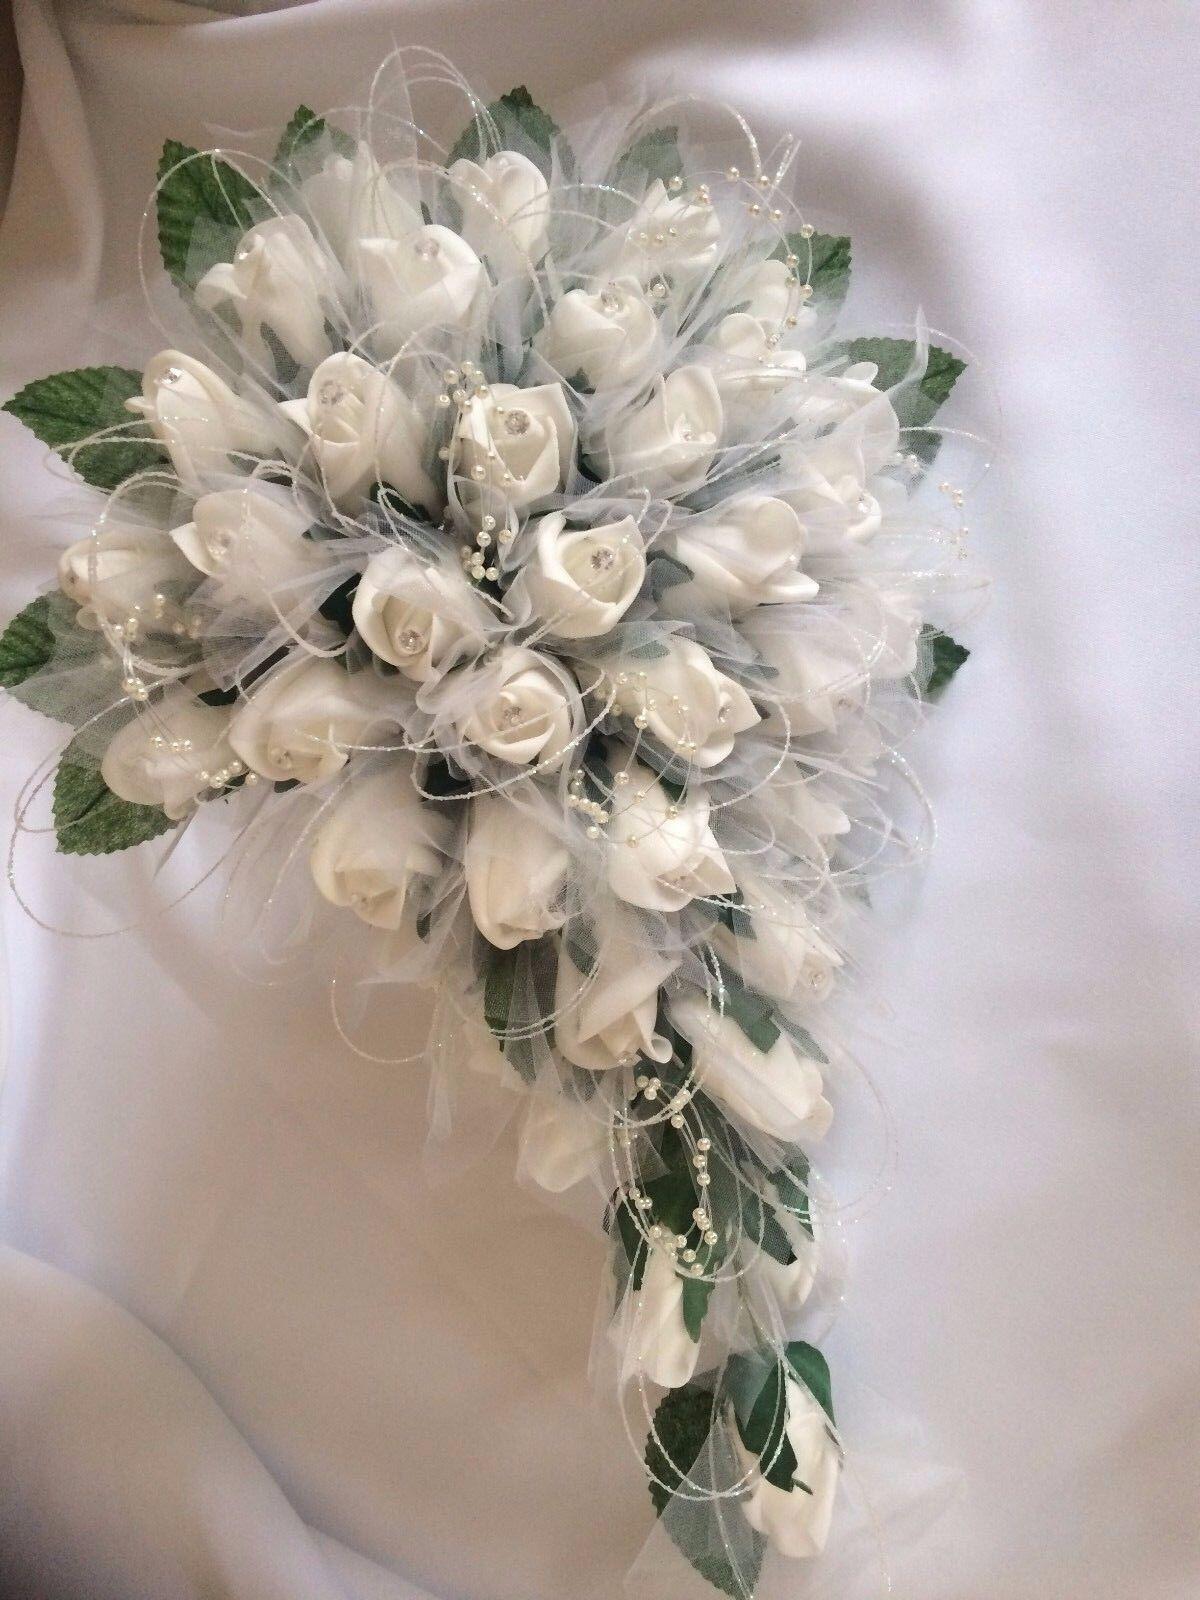 Mariage Blanc Sparkle bouquet fleur Paquet  17 pieces  tulle, STRASS & PERLE